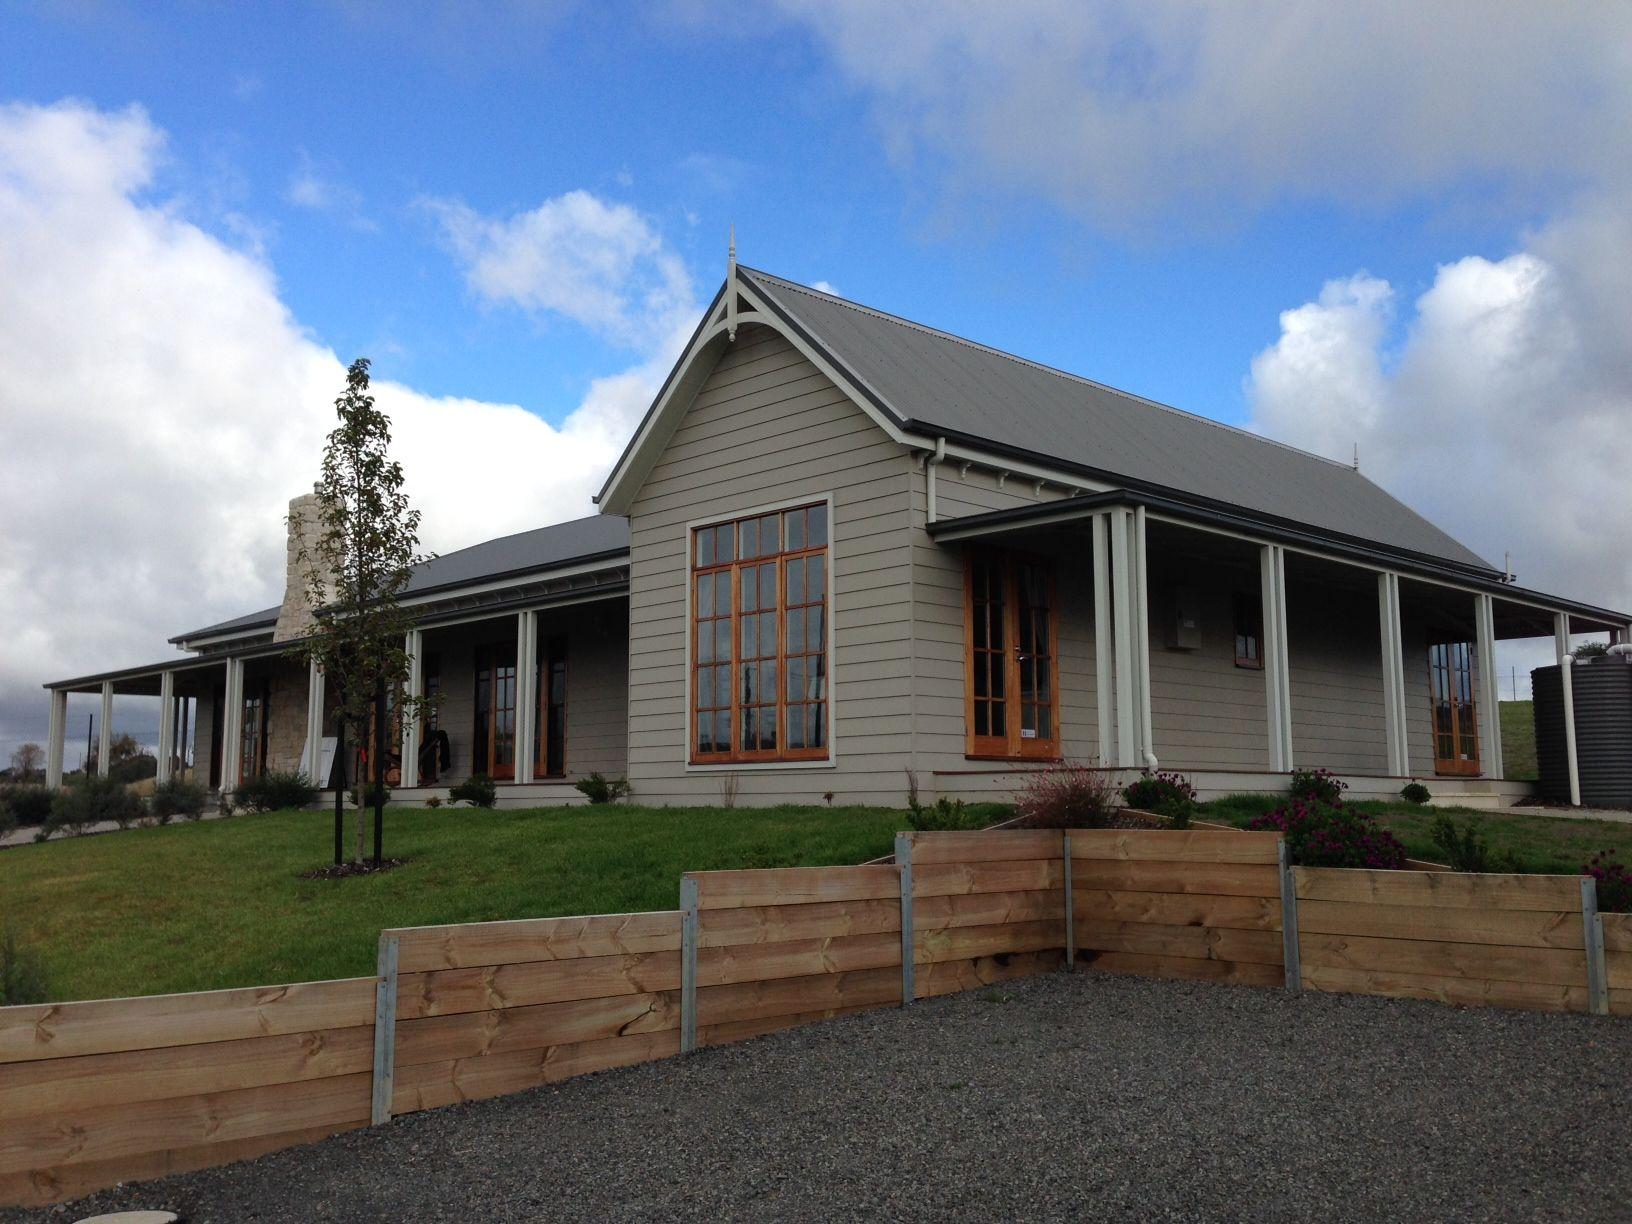 hensley park homes Ballarat | House ... | Pinterest | Park, Grand ...